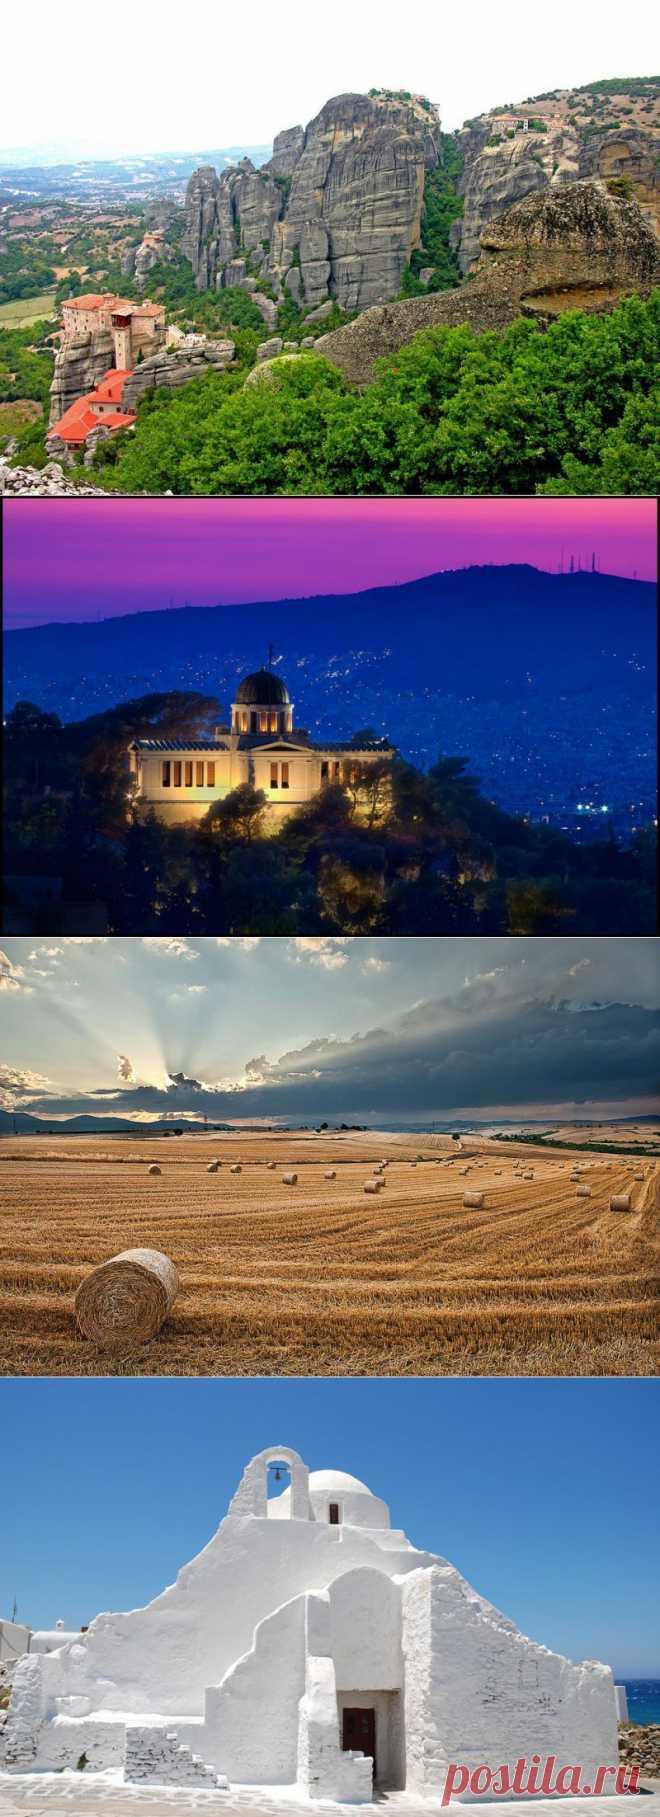 30 поводов влюбиться в Грецию : НОВОСТИ В ФОТОГРАФИЯХ